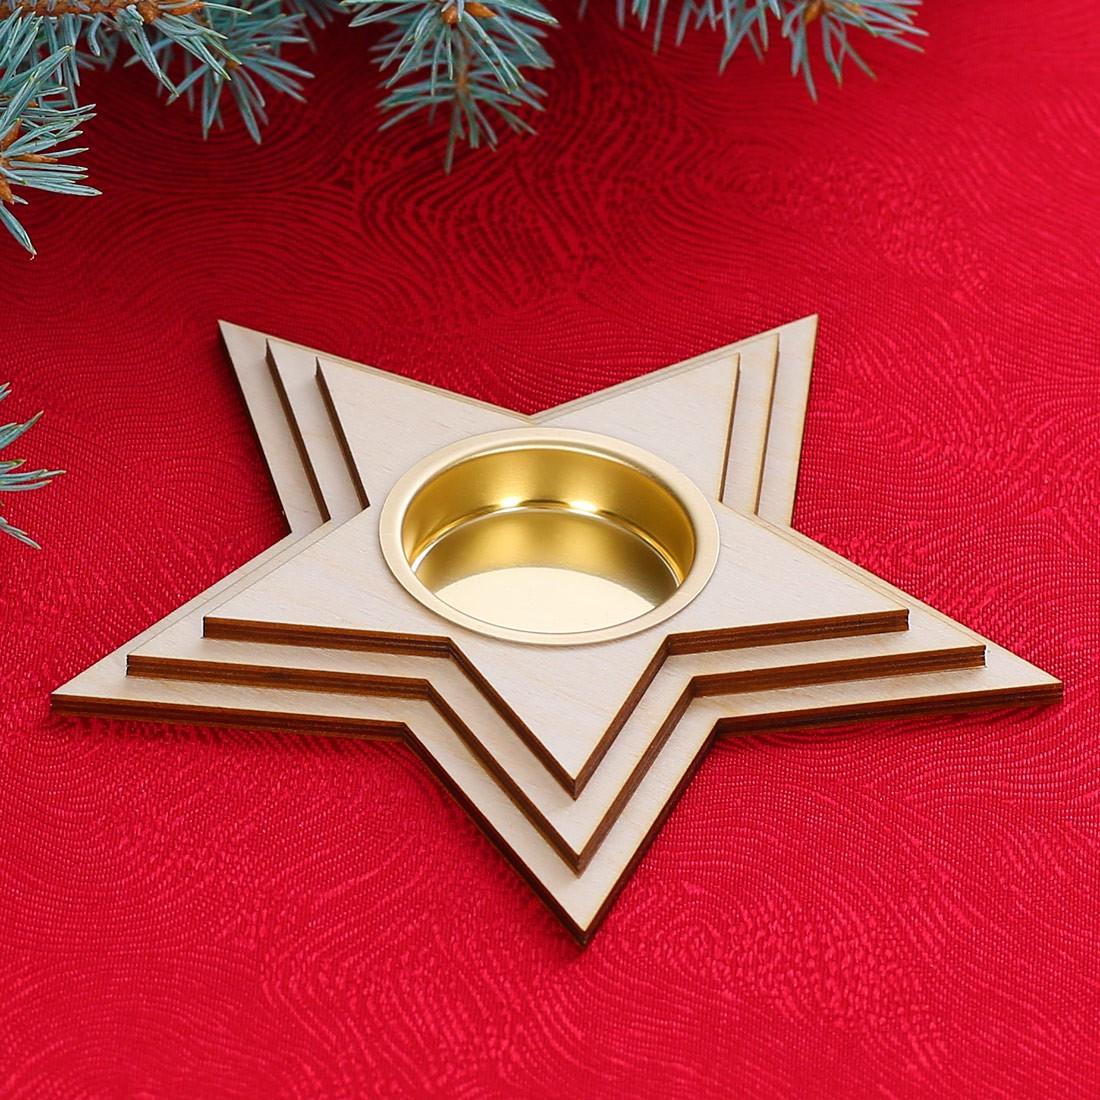 Kerzenhalter Weihnachten.Motiv Teelichthalter Kerzenhalter Dekoration Aus Holz Für Weihnachten Bütic Gmbh Wie Für Dich Gemacht Dekoration Aus Holz Und Plexiglas